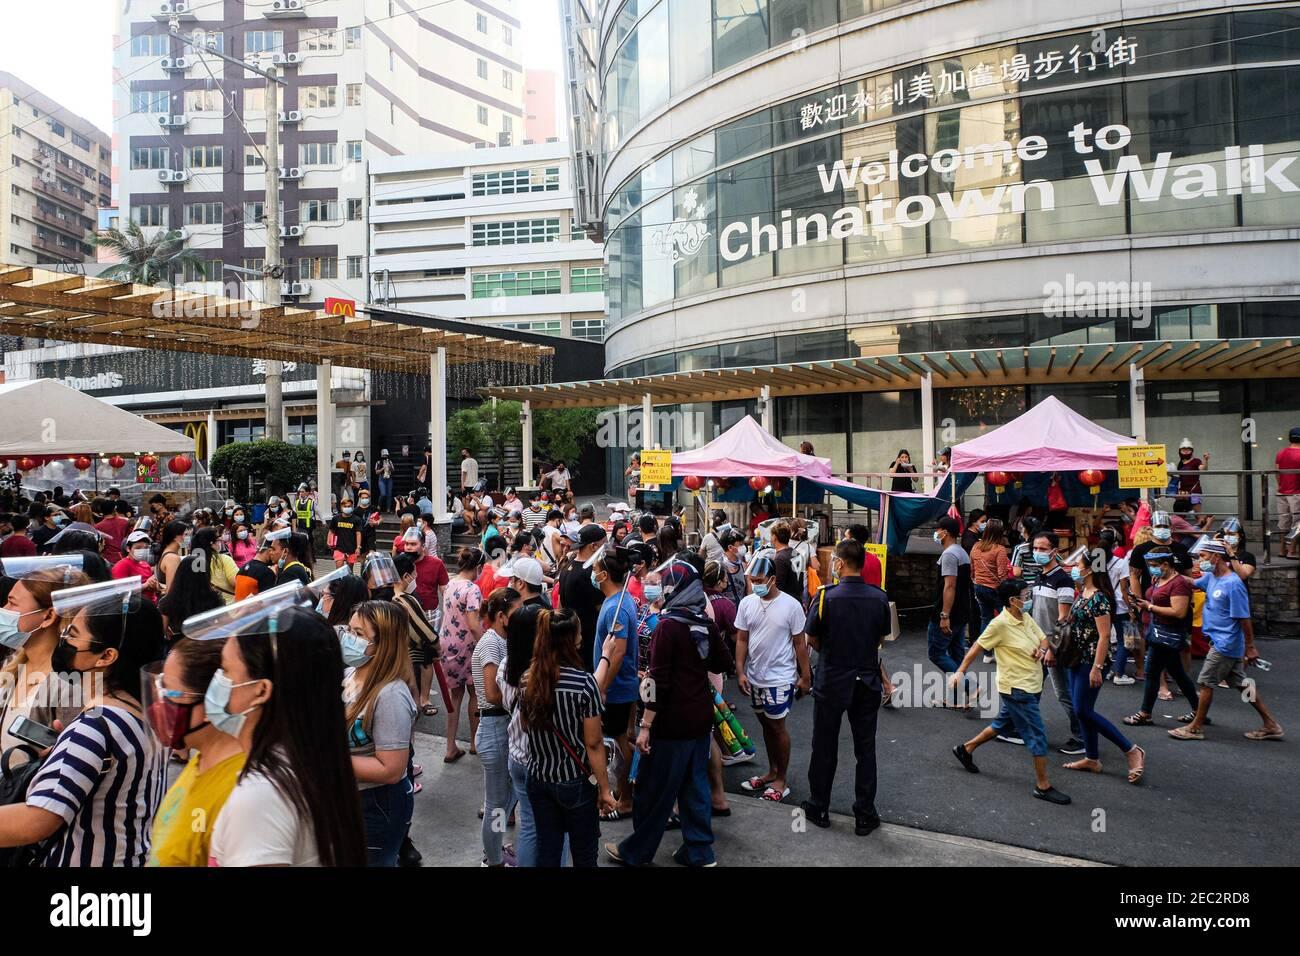 Ongpin St., Binondo, Manila, Filipinas. 13 de febrero de 2021. La gente que lleva máscaras y escudos de la cara camina por las calles adornadas con faroles chinos en Ongpin, Binondo durante la celebración del año Nuevo Chino. Binondo es conocido como el barrio chino más antiguo del mundo, la mayoría de las celebraciones como bailes de dragón y león fueron canceladas debido a la pandemia. Crédito: Mayoría Mundial CIC/Alamy Live News Foto de stock